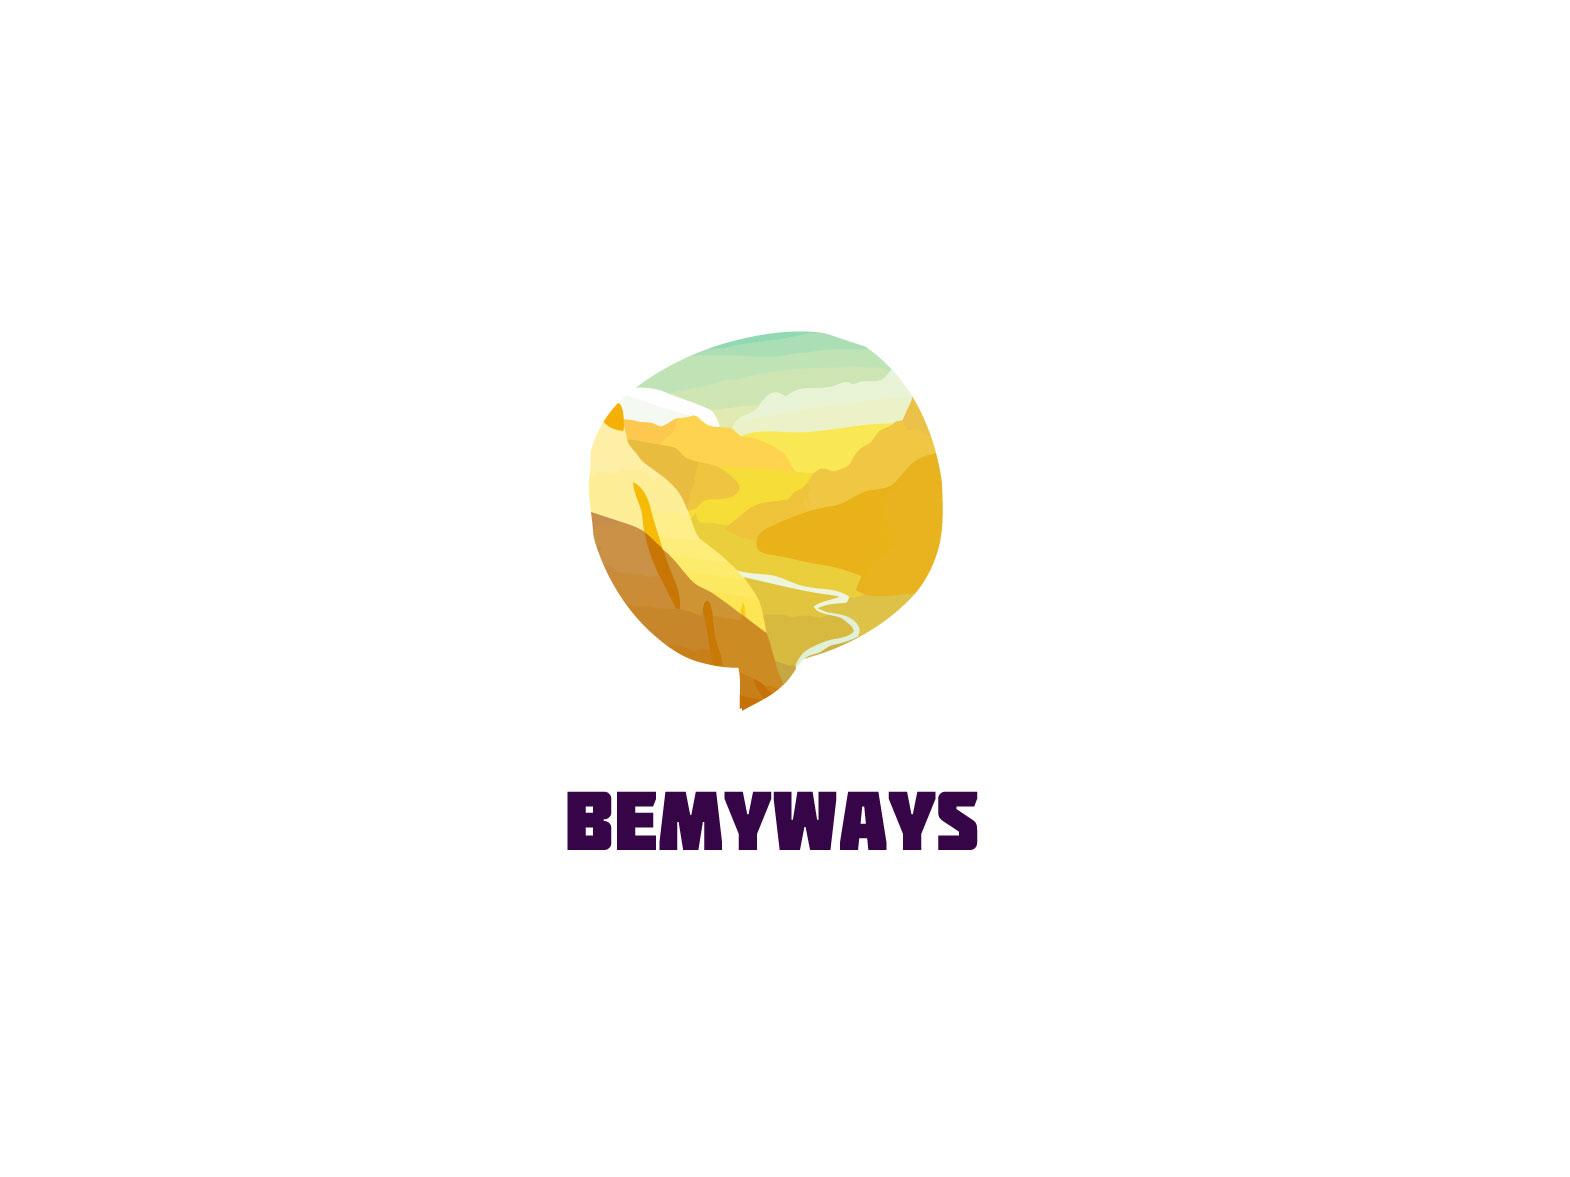 Разработка логотипа и иконки для Travel Video Platform фото f_6615c3768bca05c8.jpg